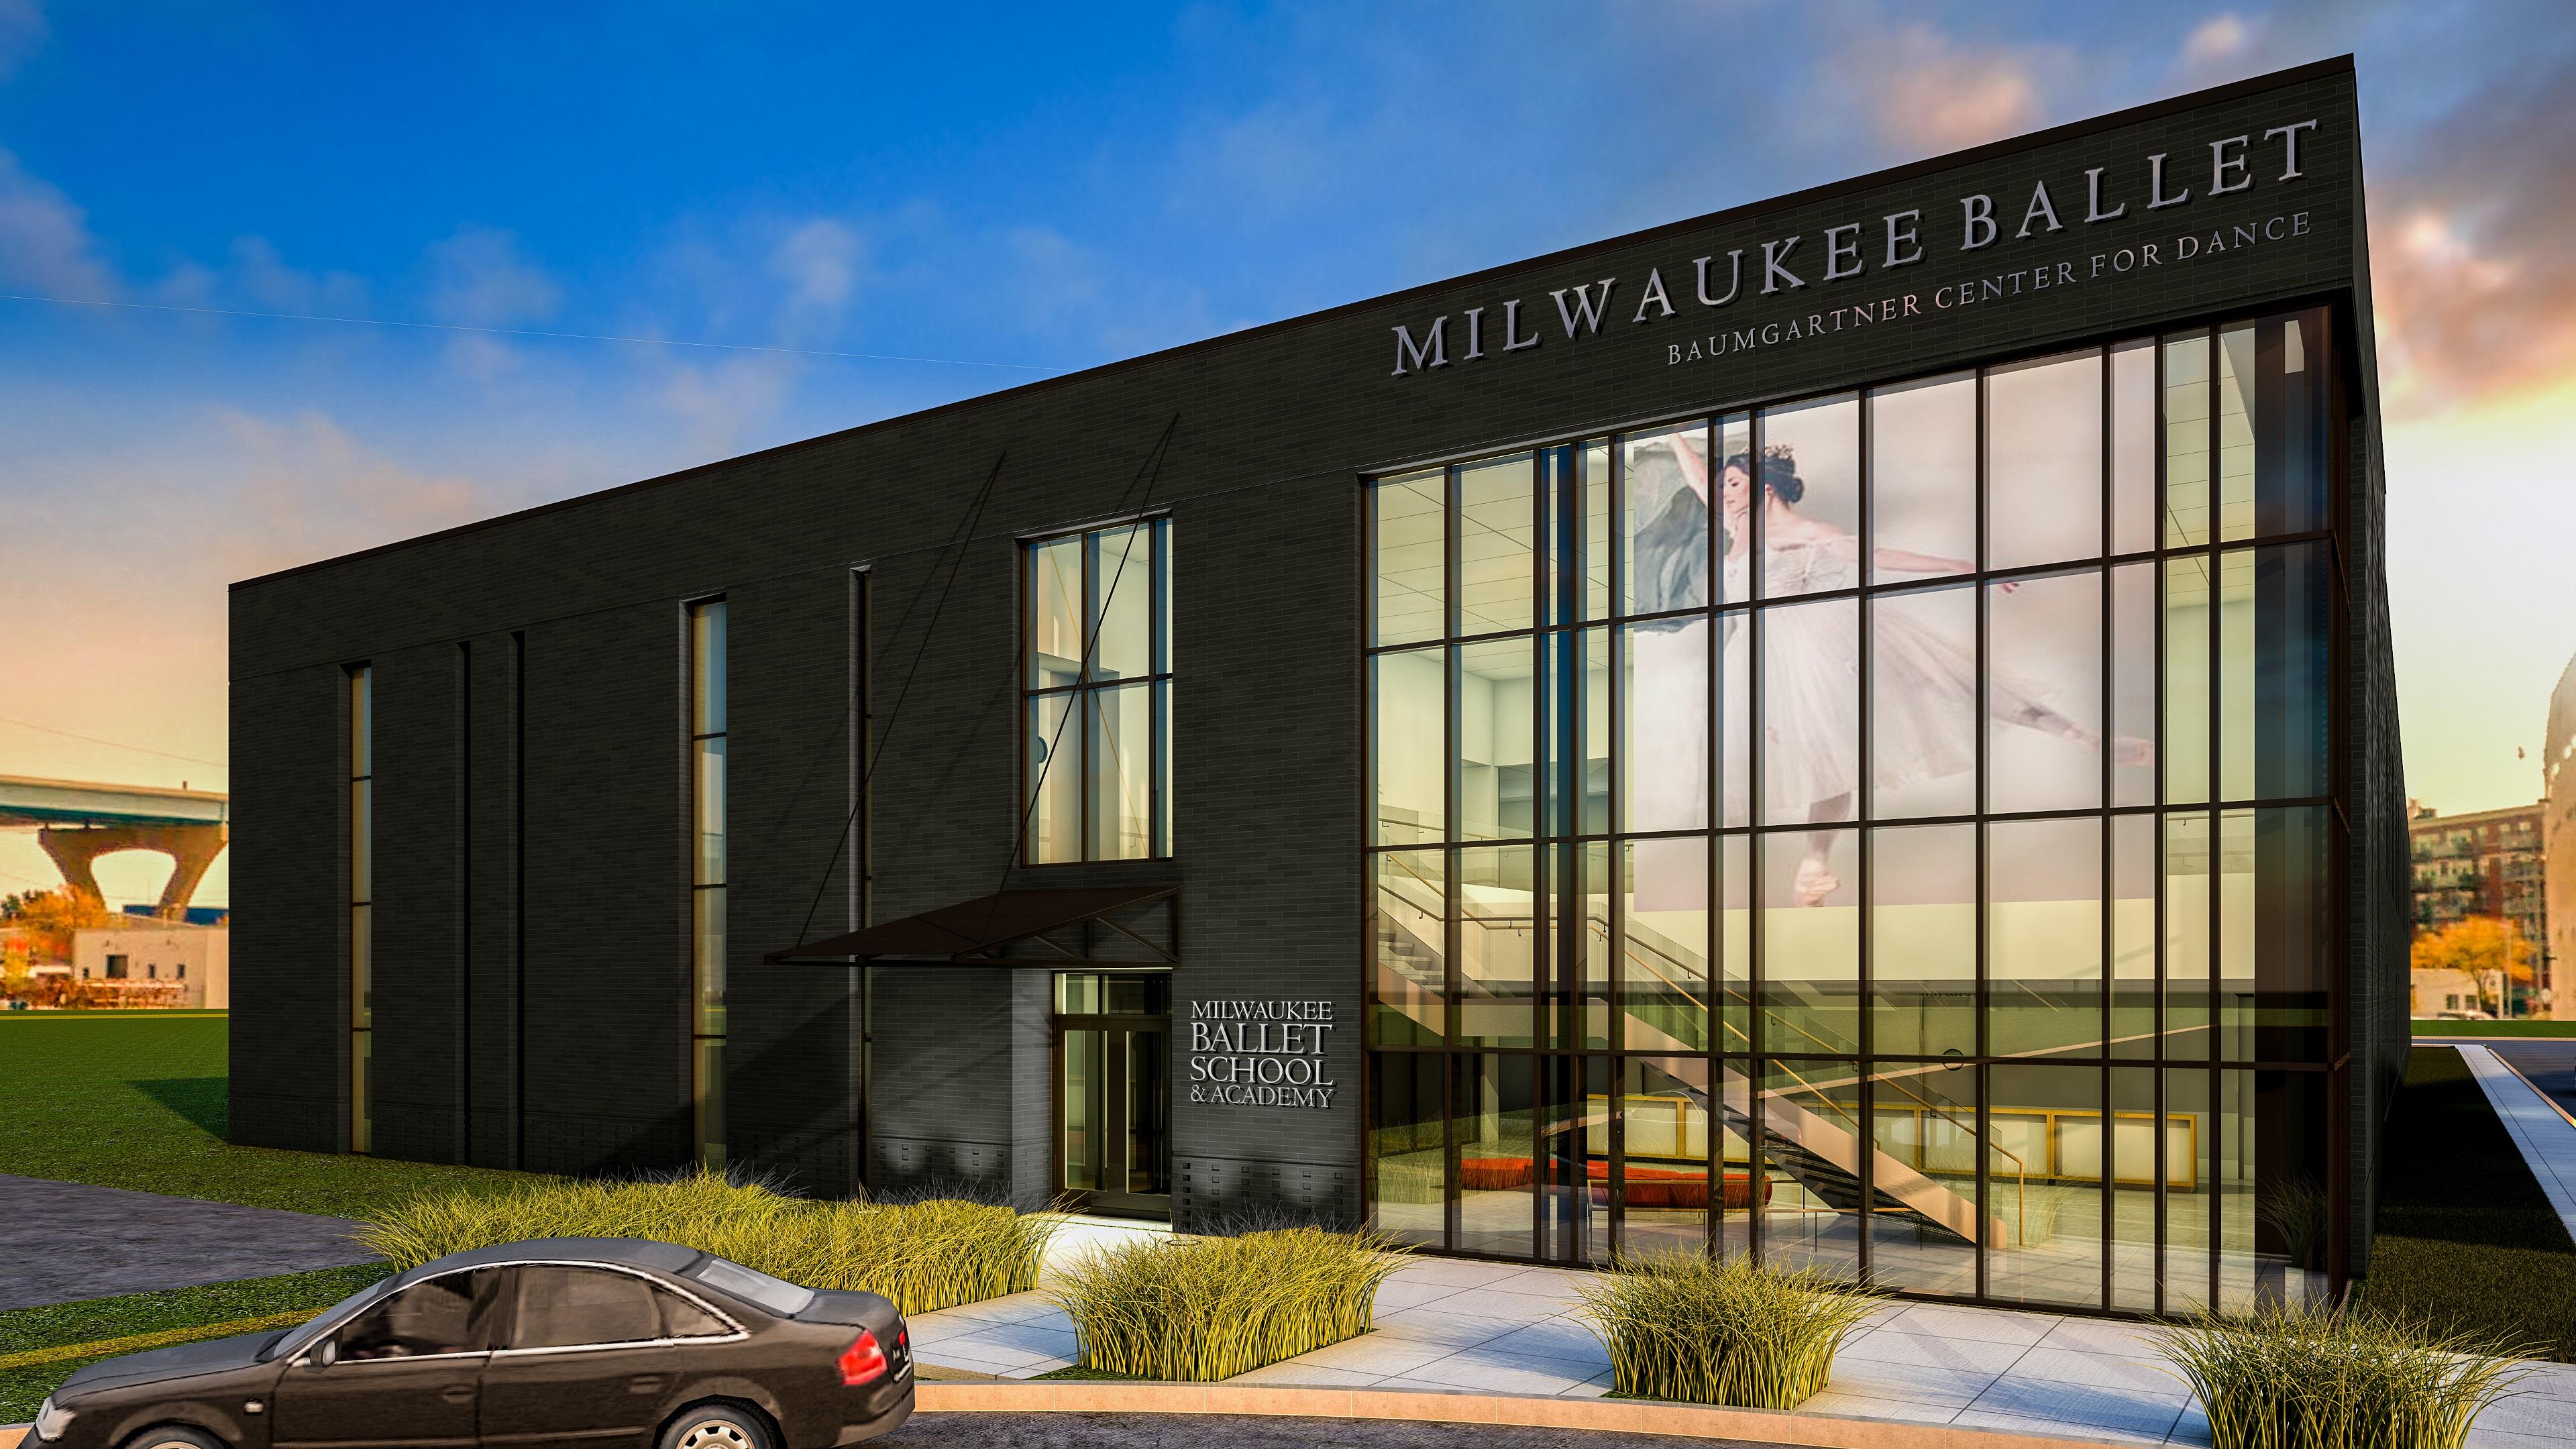 Milwaukee Ballet Breaks Ground on the Baumgartner Center for Dance